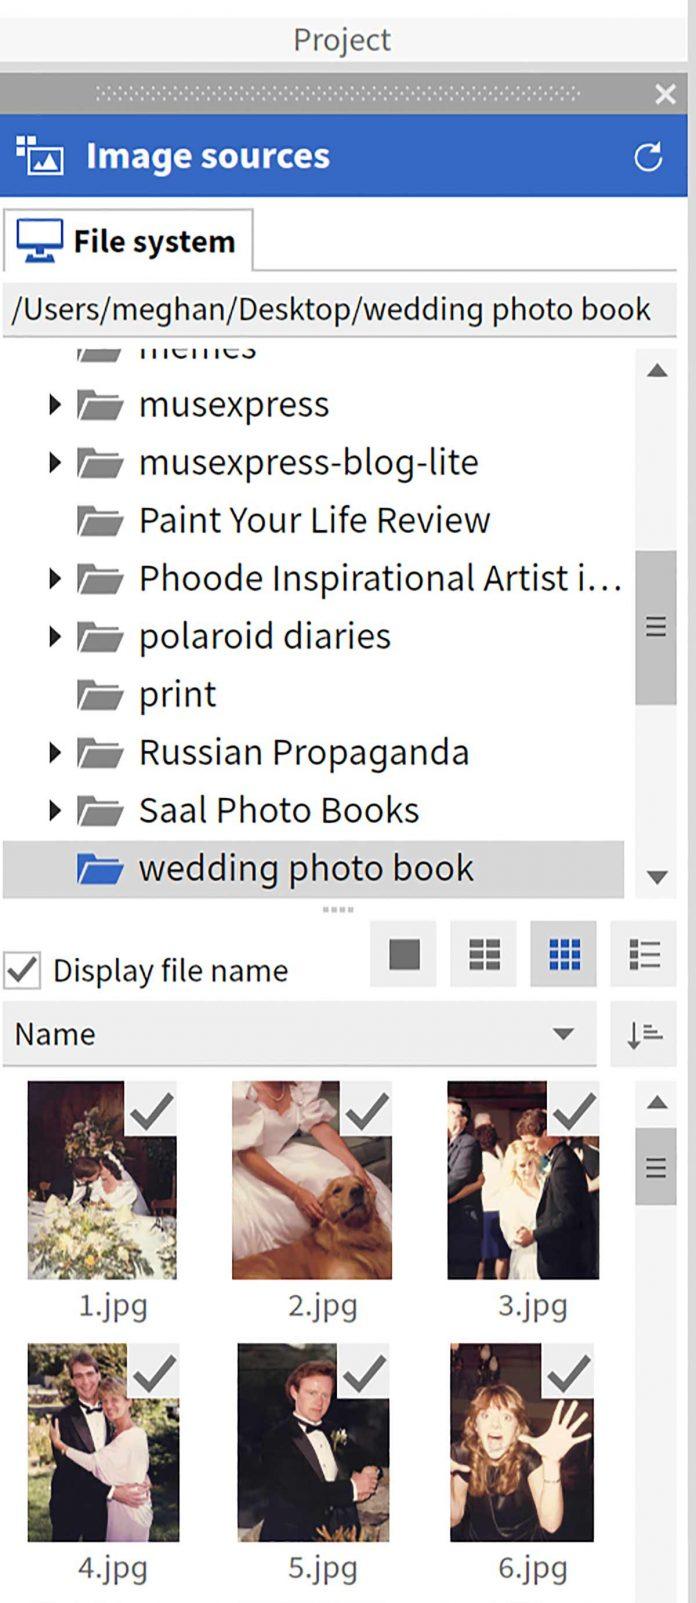 Saal upload files